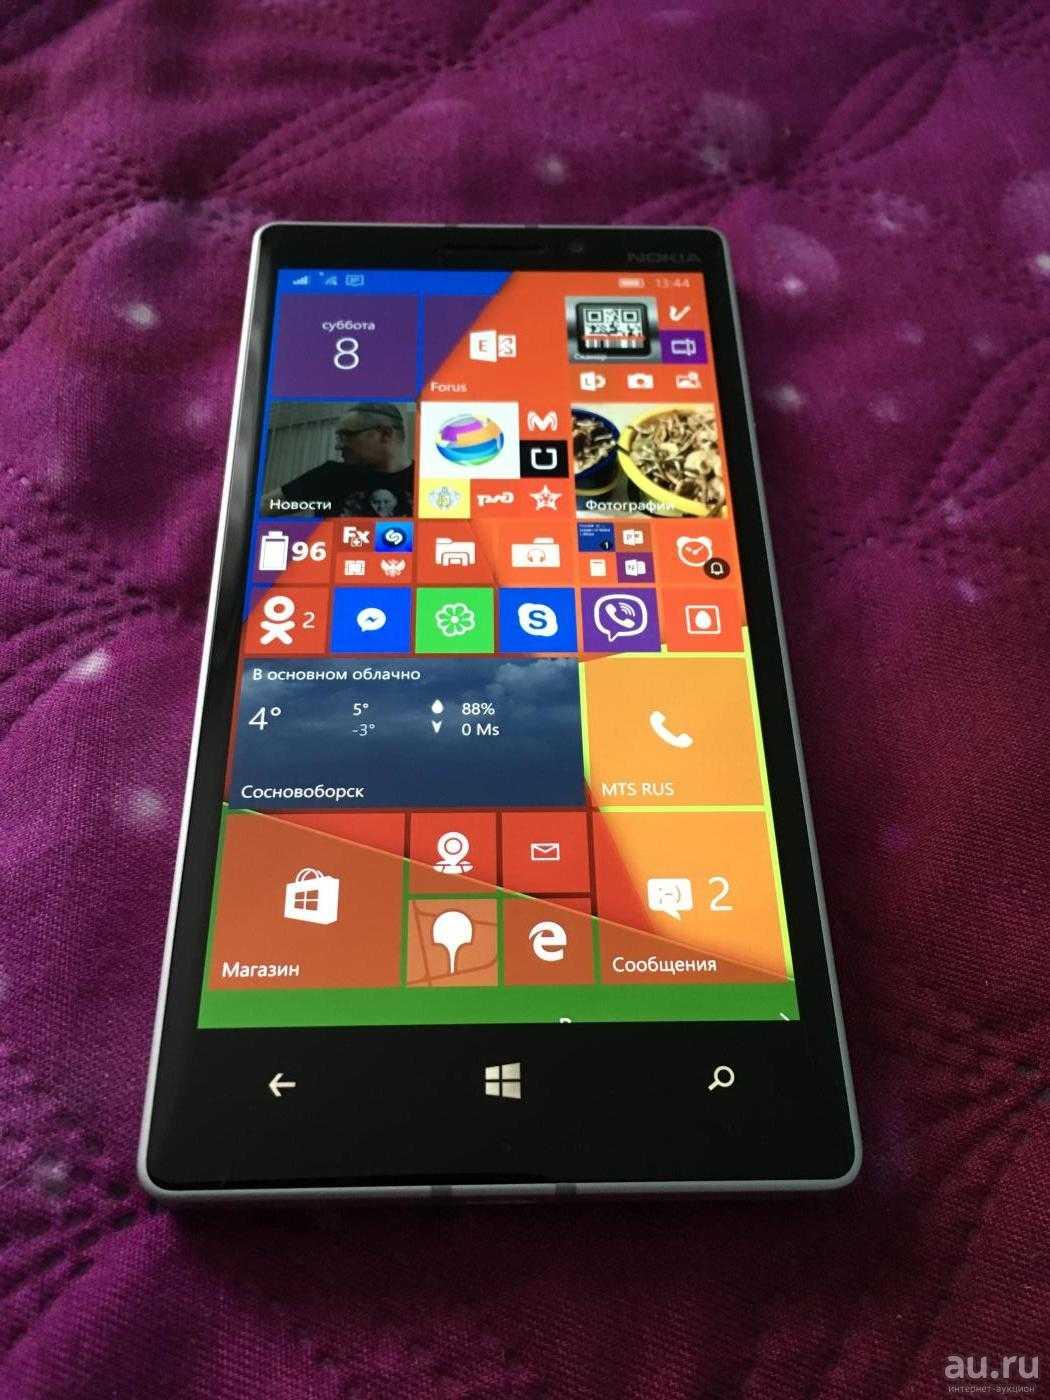 Nokia lumia 930 (белый) - купить , скидки, цена, отзывы, обзор, характеристики - мобильные телефоны